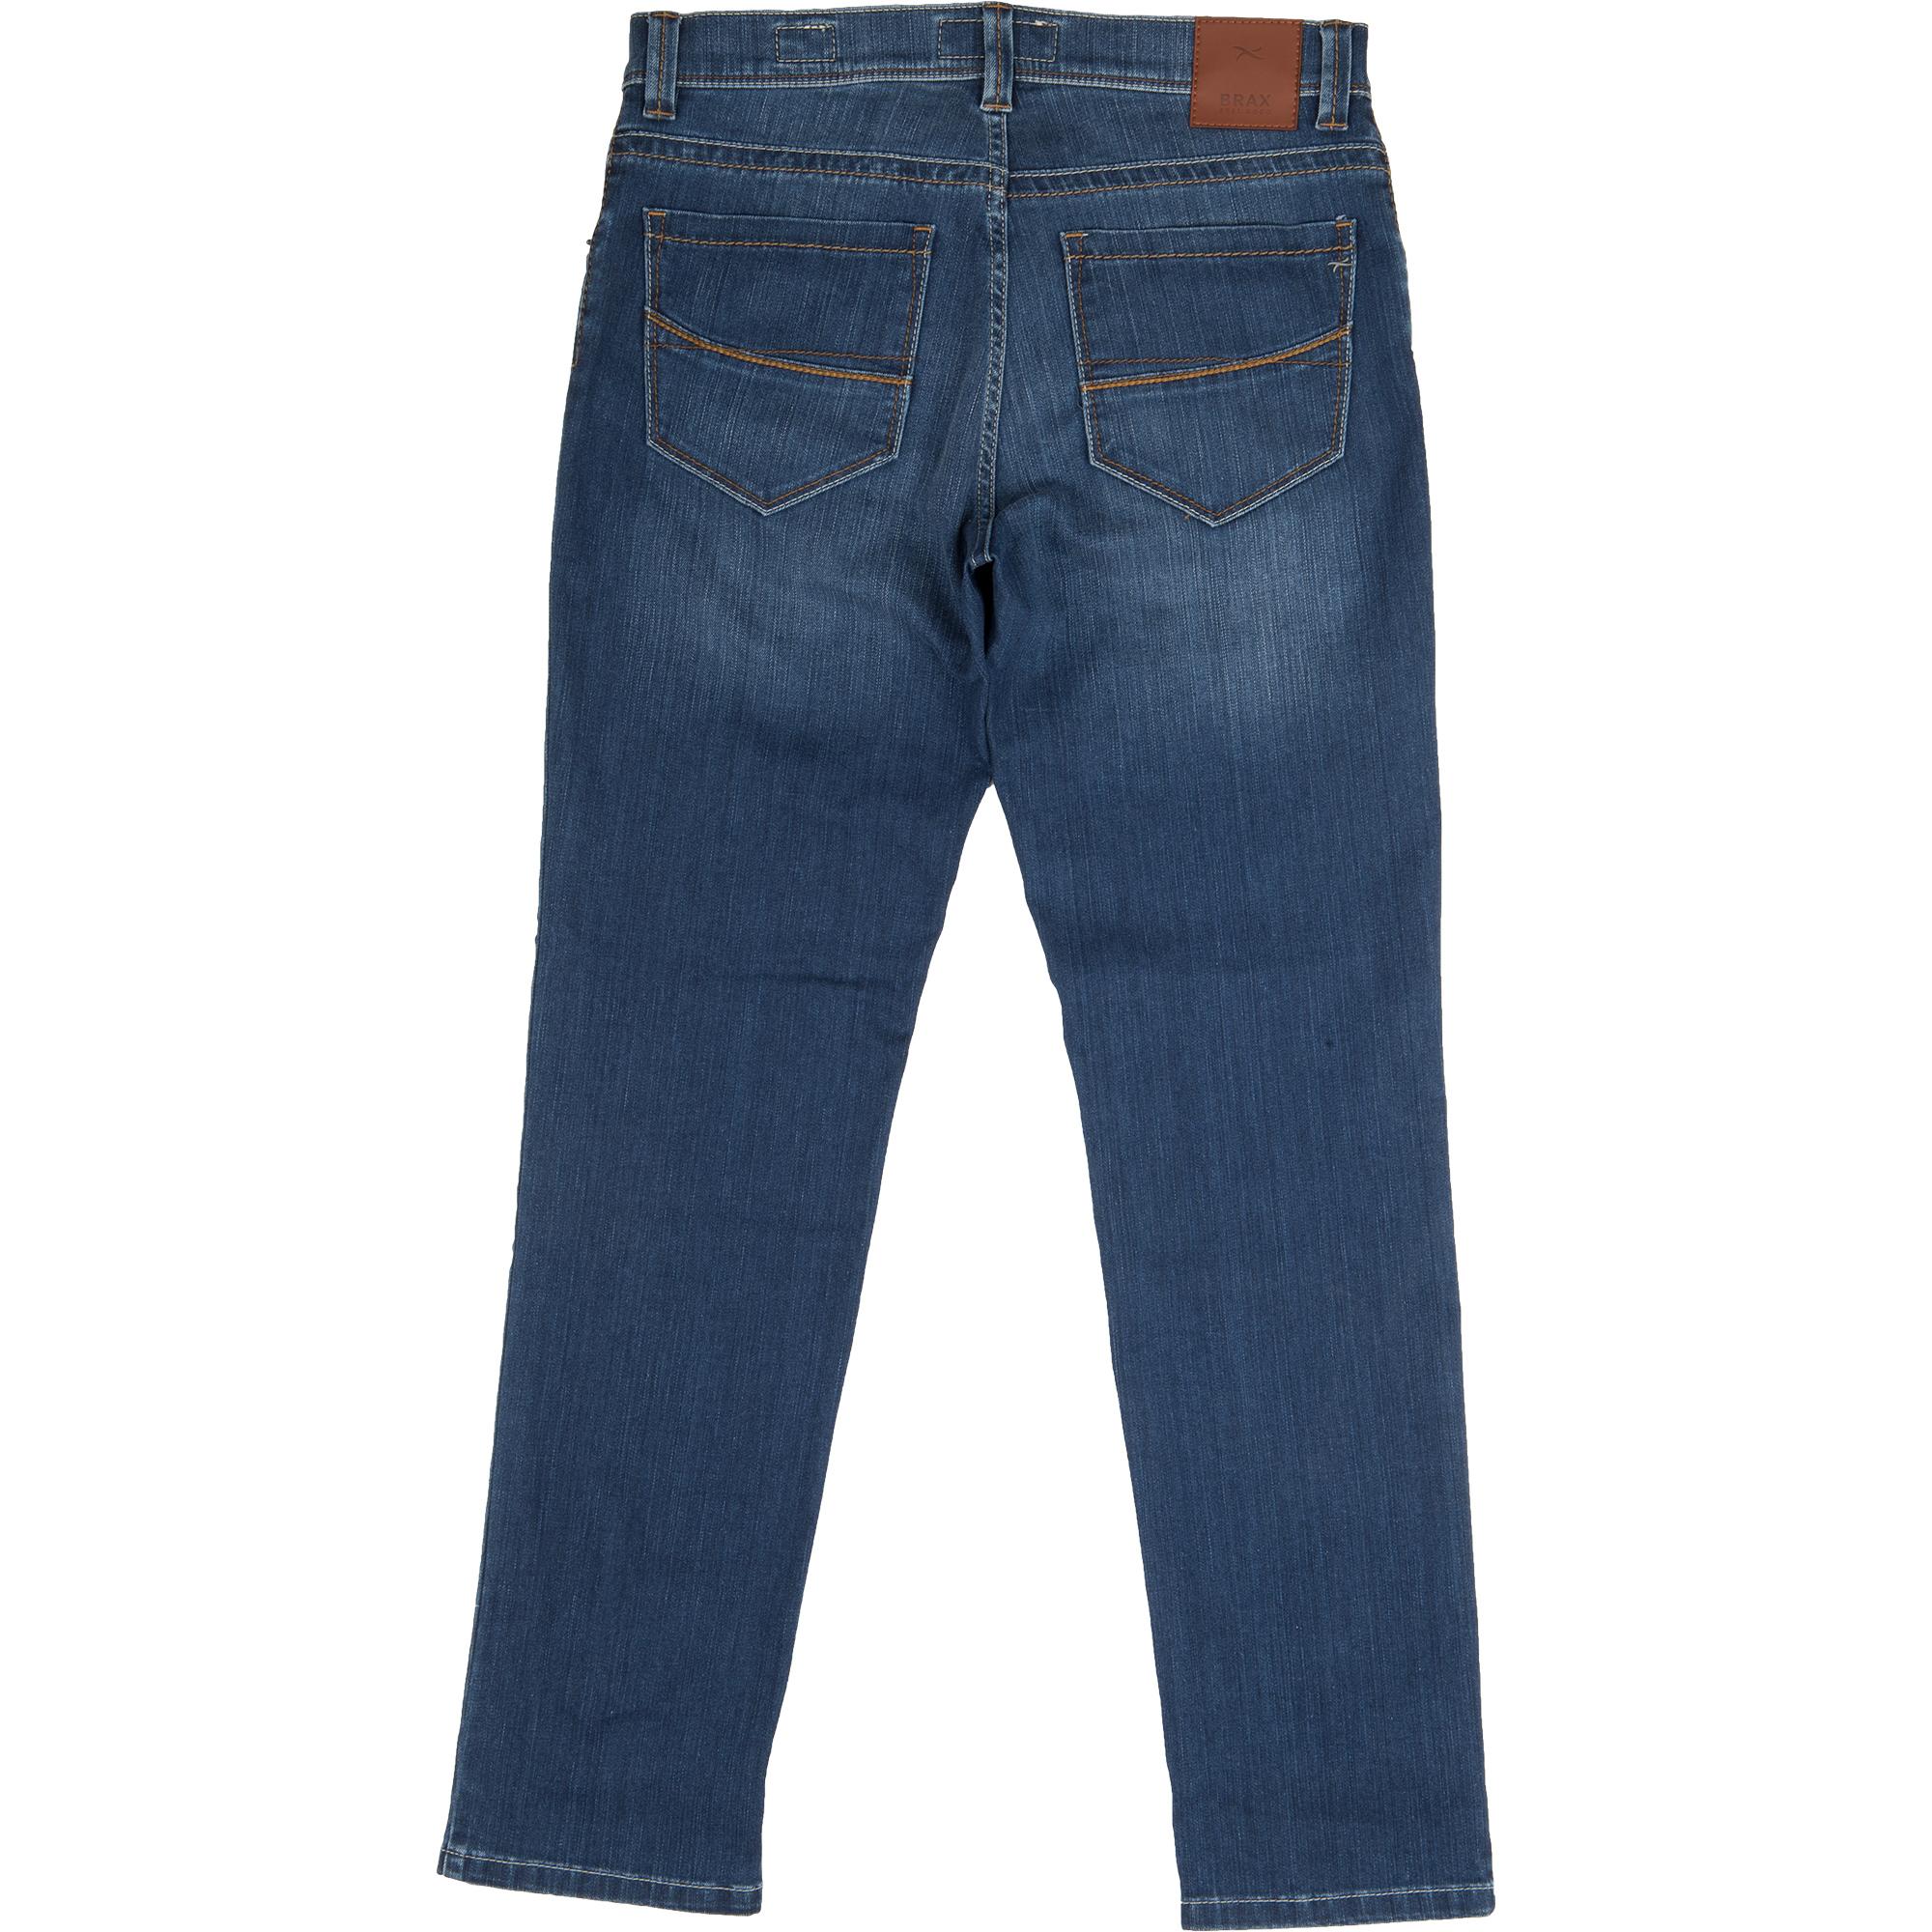 brax herren jeanshose cadiz regular fit regular blue used ebay. Black Bedroom Furniture Sets. Home Design Ideas